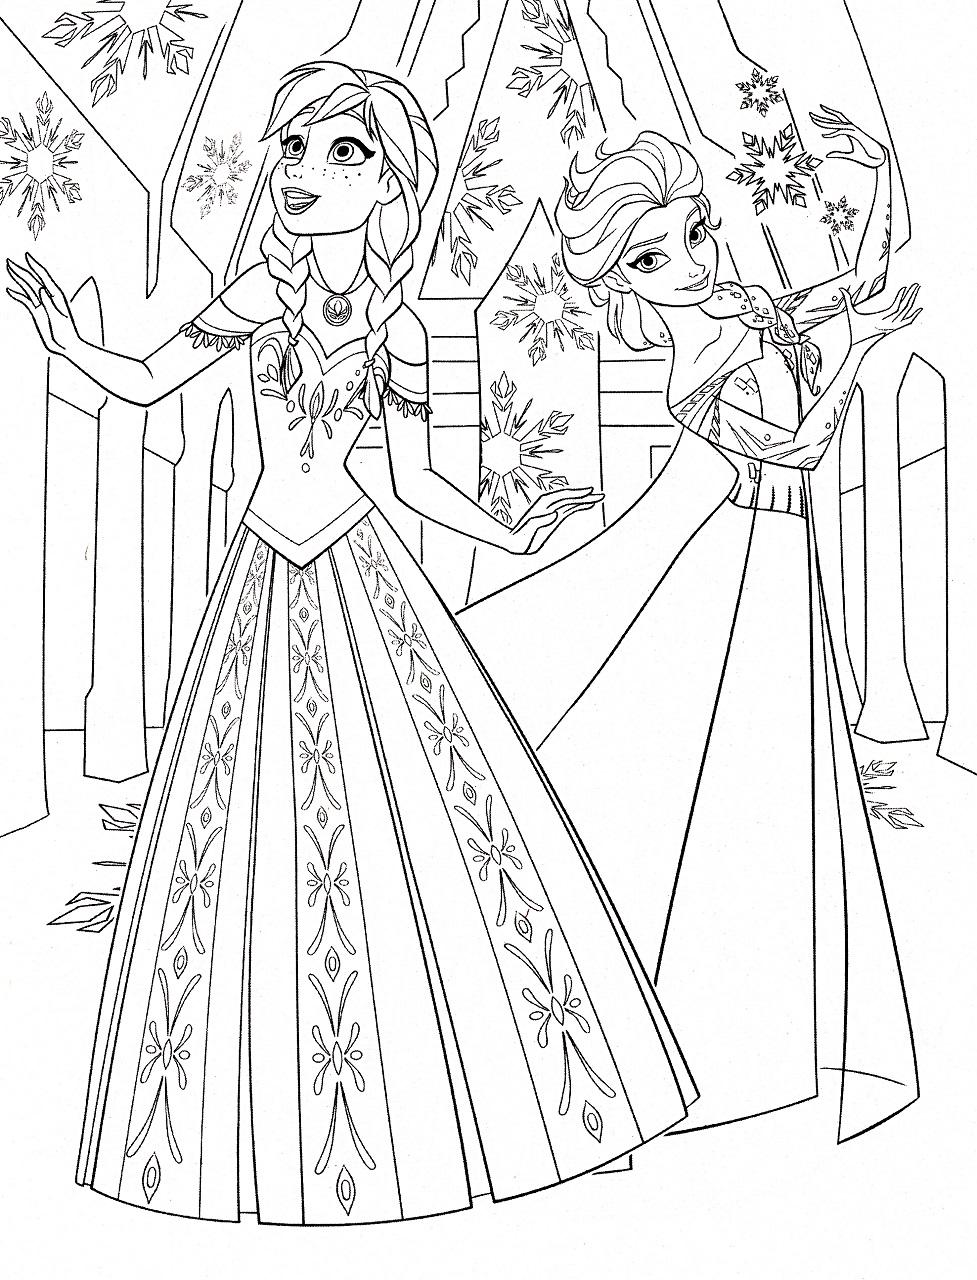 Coloriage reine des neiges pour les 2 ans du dessin anim frozen - Anna elsa reine des neiges ...